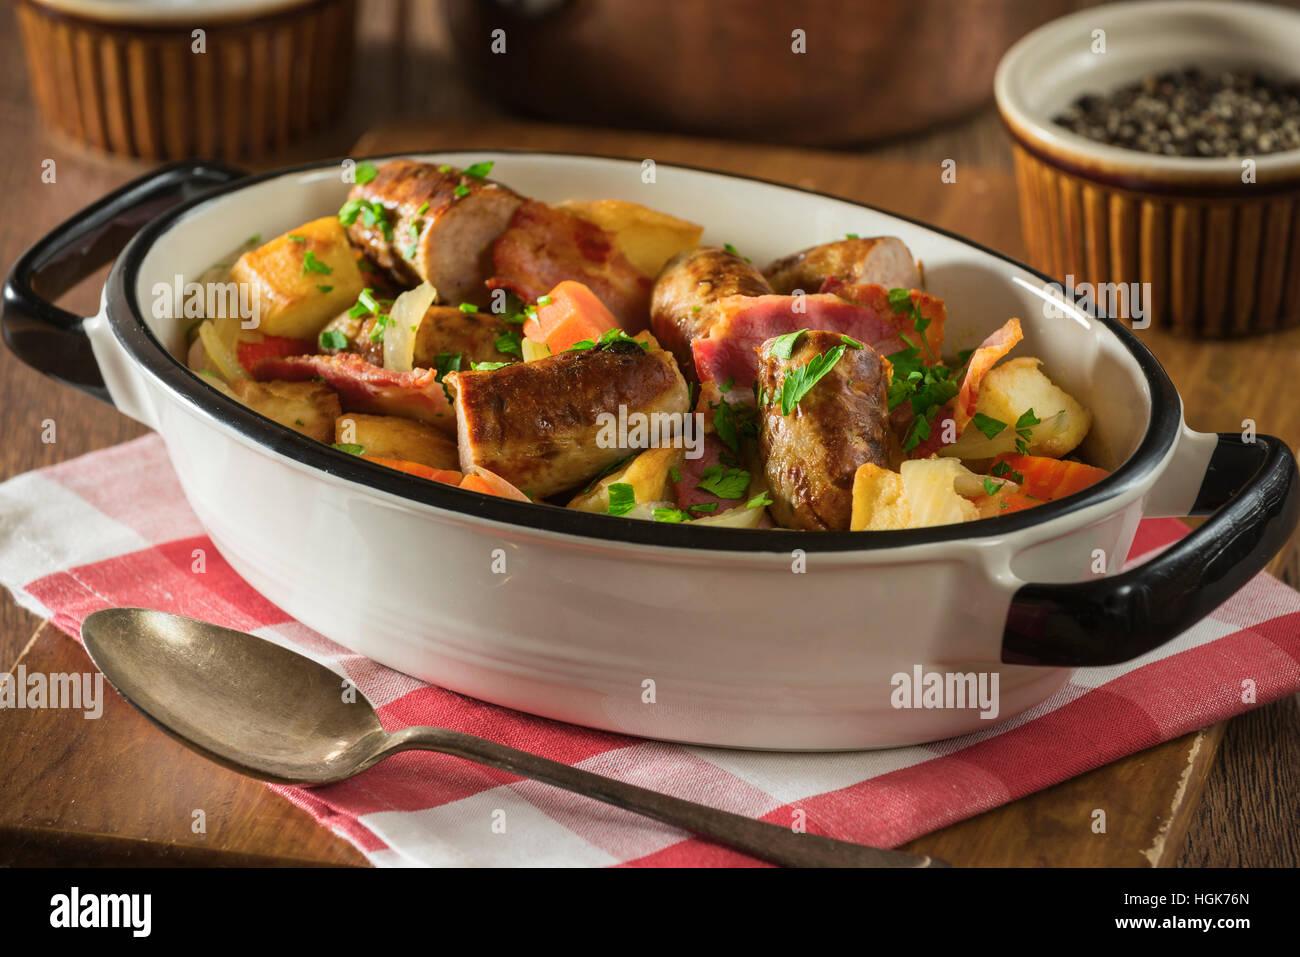 Dublín coddle. Patata tradicional irlandés, salchichas y bacon estofado. Alimentos Irlanda Imagen De Stock